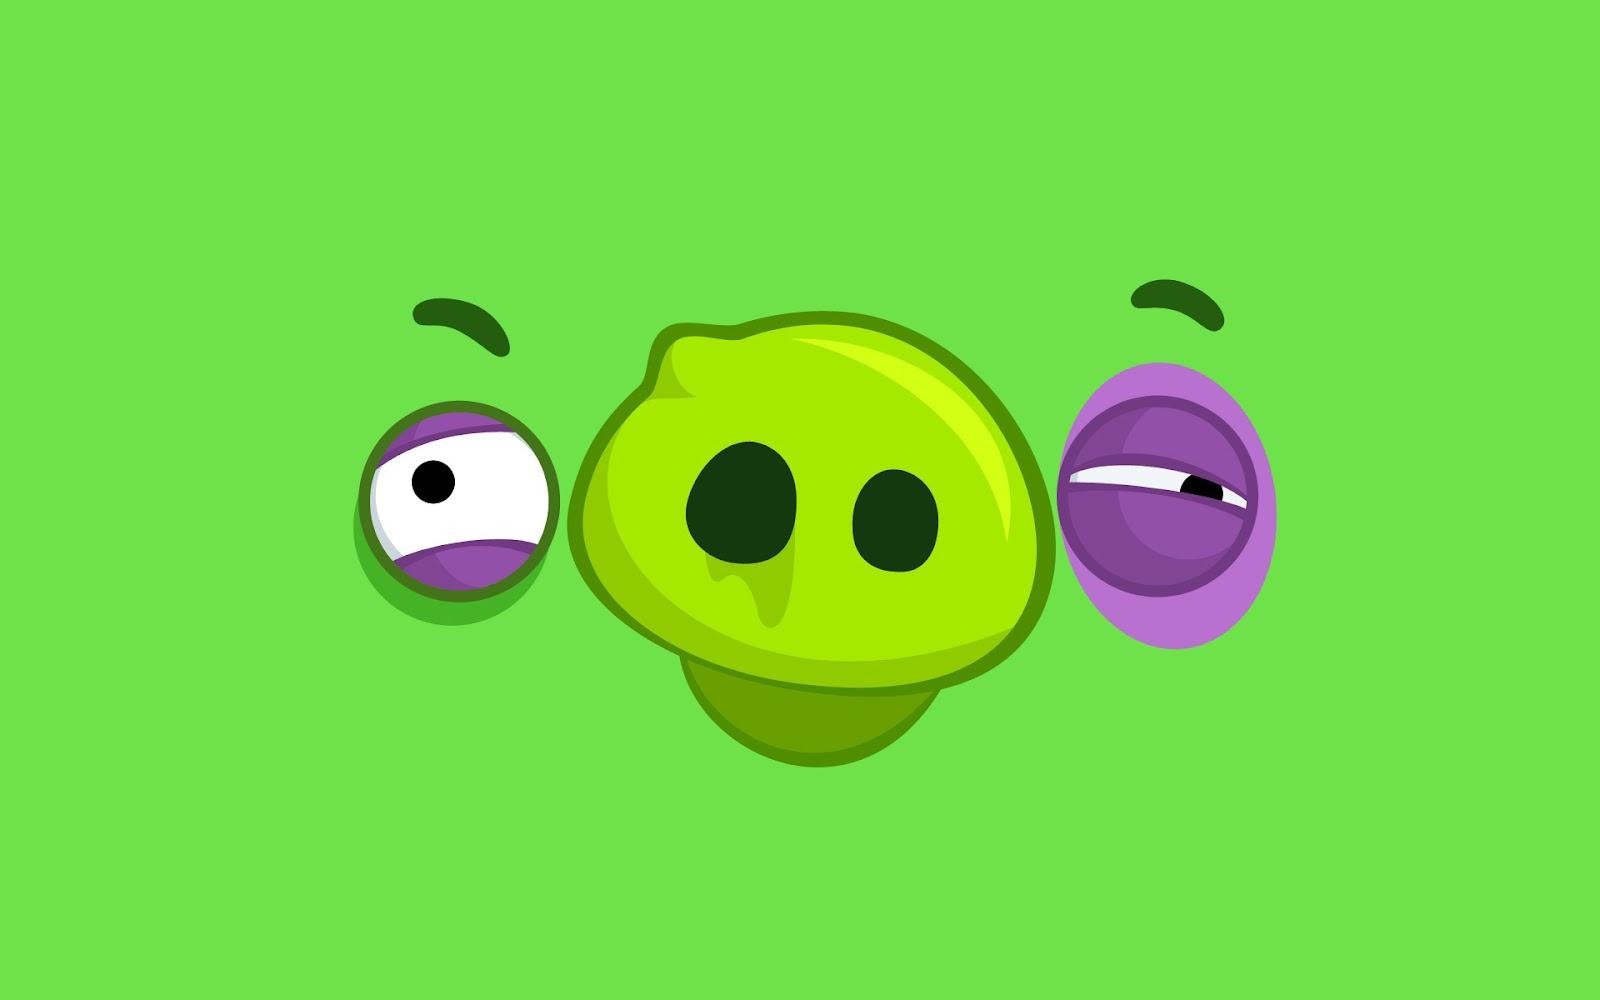 Bad Piggies, Secuela De Angry Birds Disponible Hoy Para iOS y Android (Vídeo)